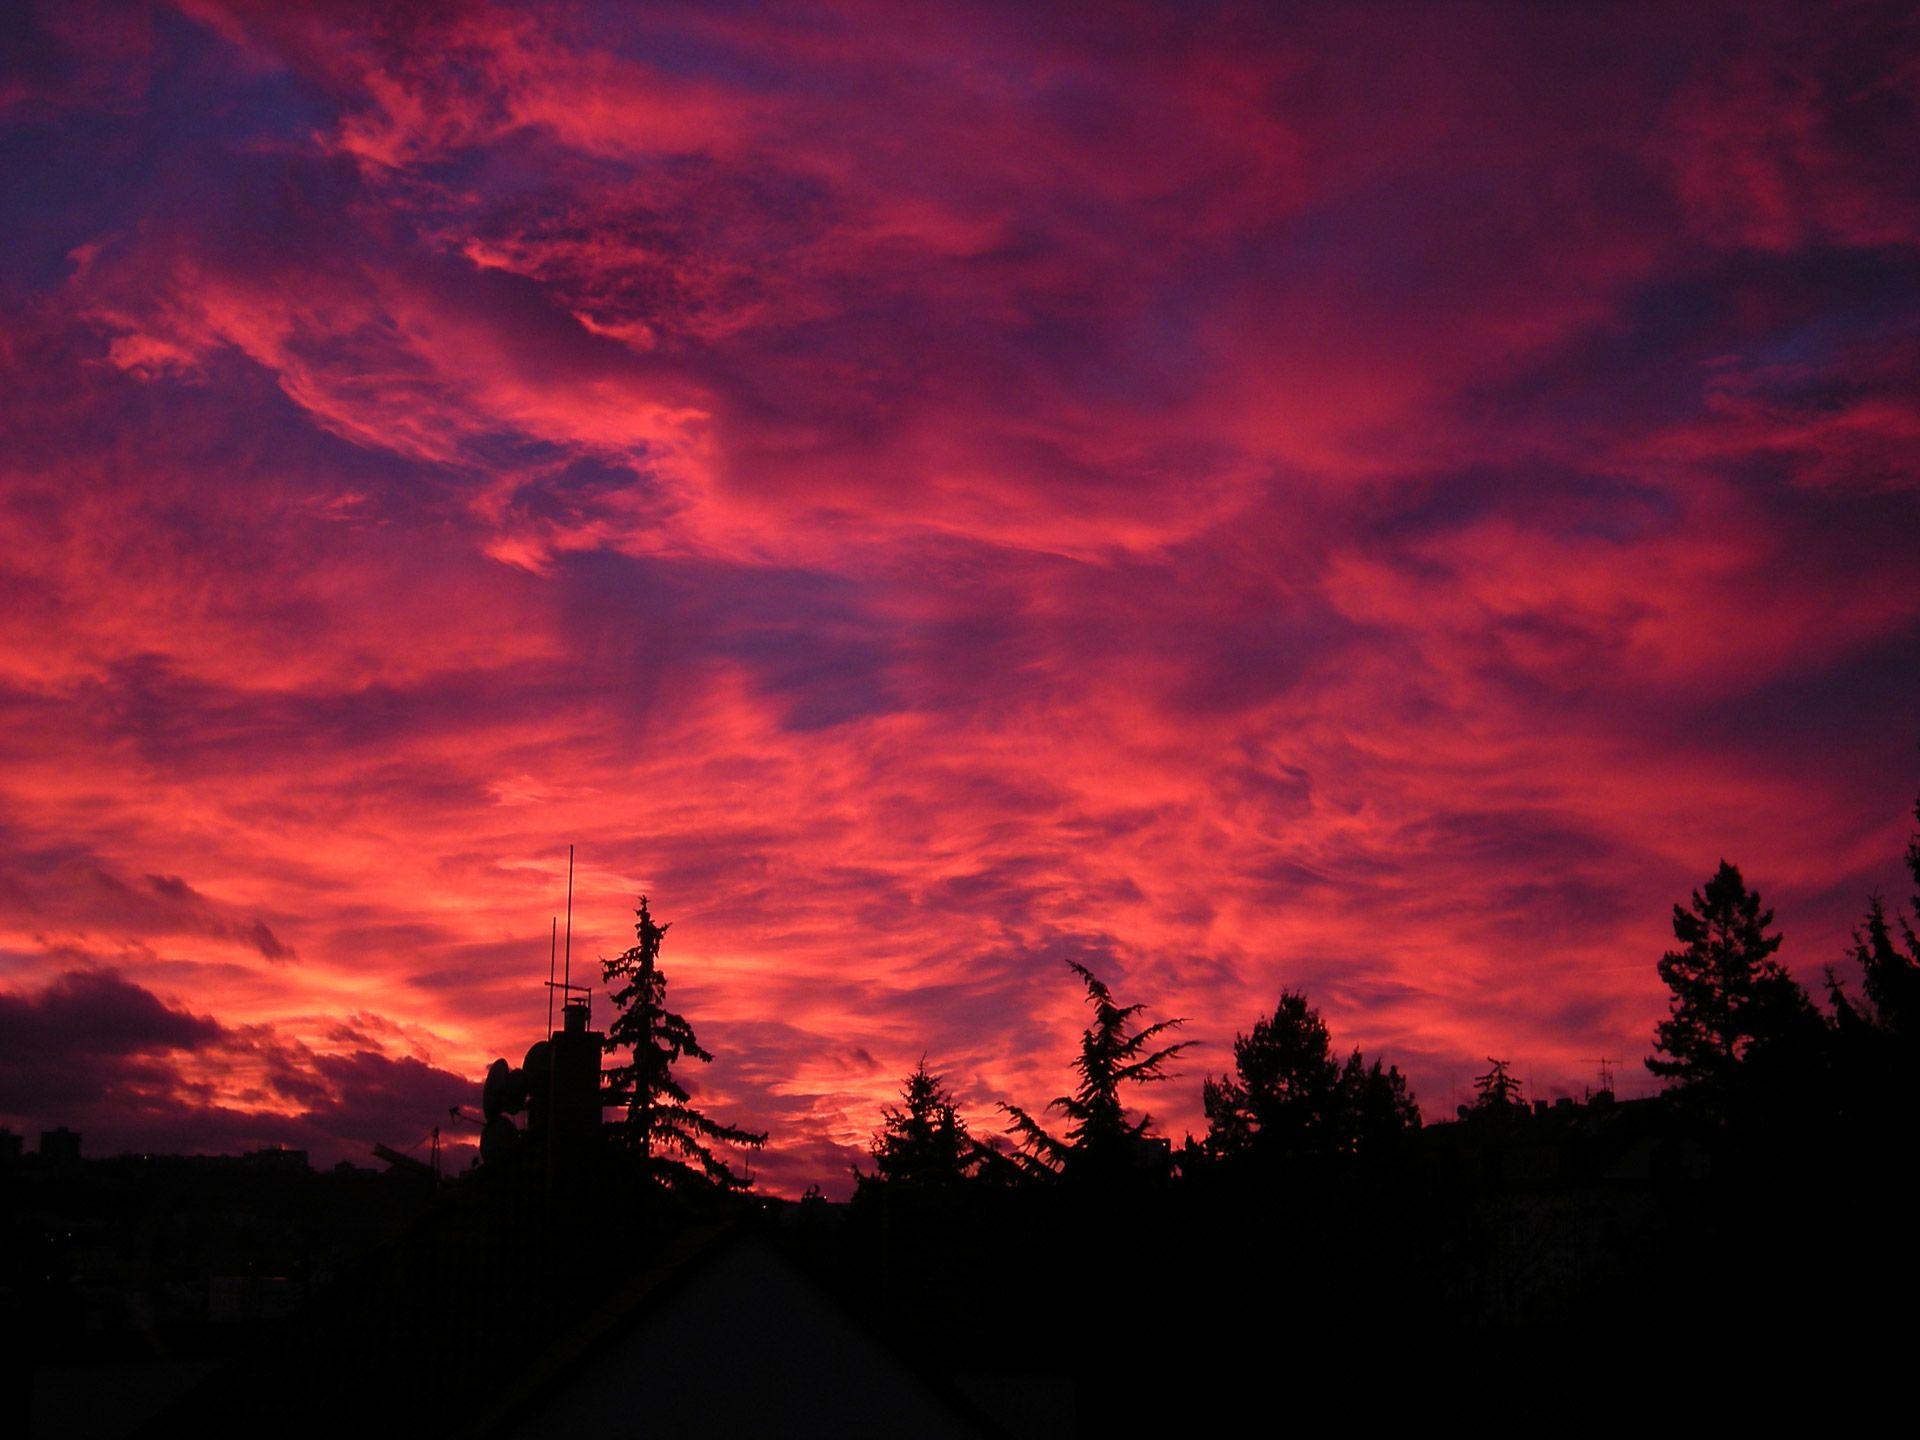 sunset-in-prague-1326587473dl4.jpg (1920×1440)